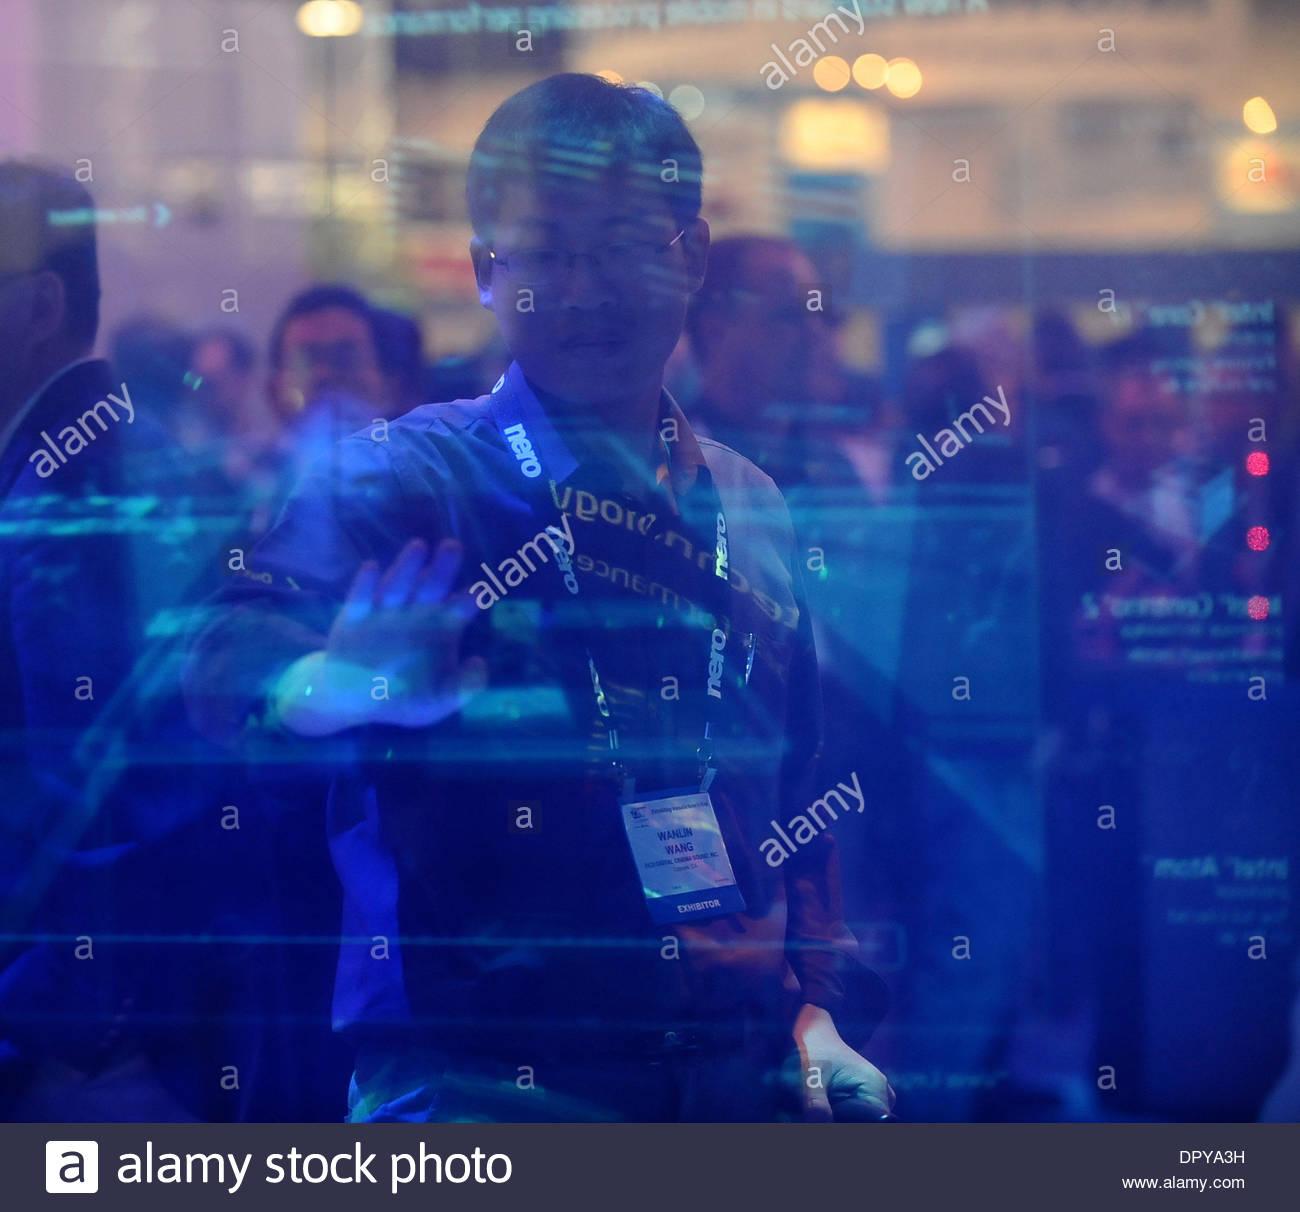 Jan 09, 2009 - Las Vegas, Nevada, Stati Uniti d'America - Intel mostra il loro processore Centrino 2 sul display durante la seconda giornata del 2009 Consumer Electronics Show (CES) in Las Vegas NV, Jan 9,2009. (Credito Immagine: © Gene Blevins/Los Angeles Daily News/ZUMA Premere) Restrizioni: * USA Tabloid diritti * Immagini Stock